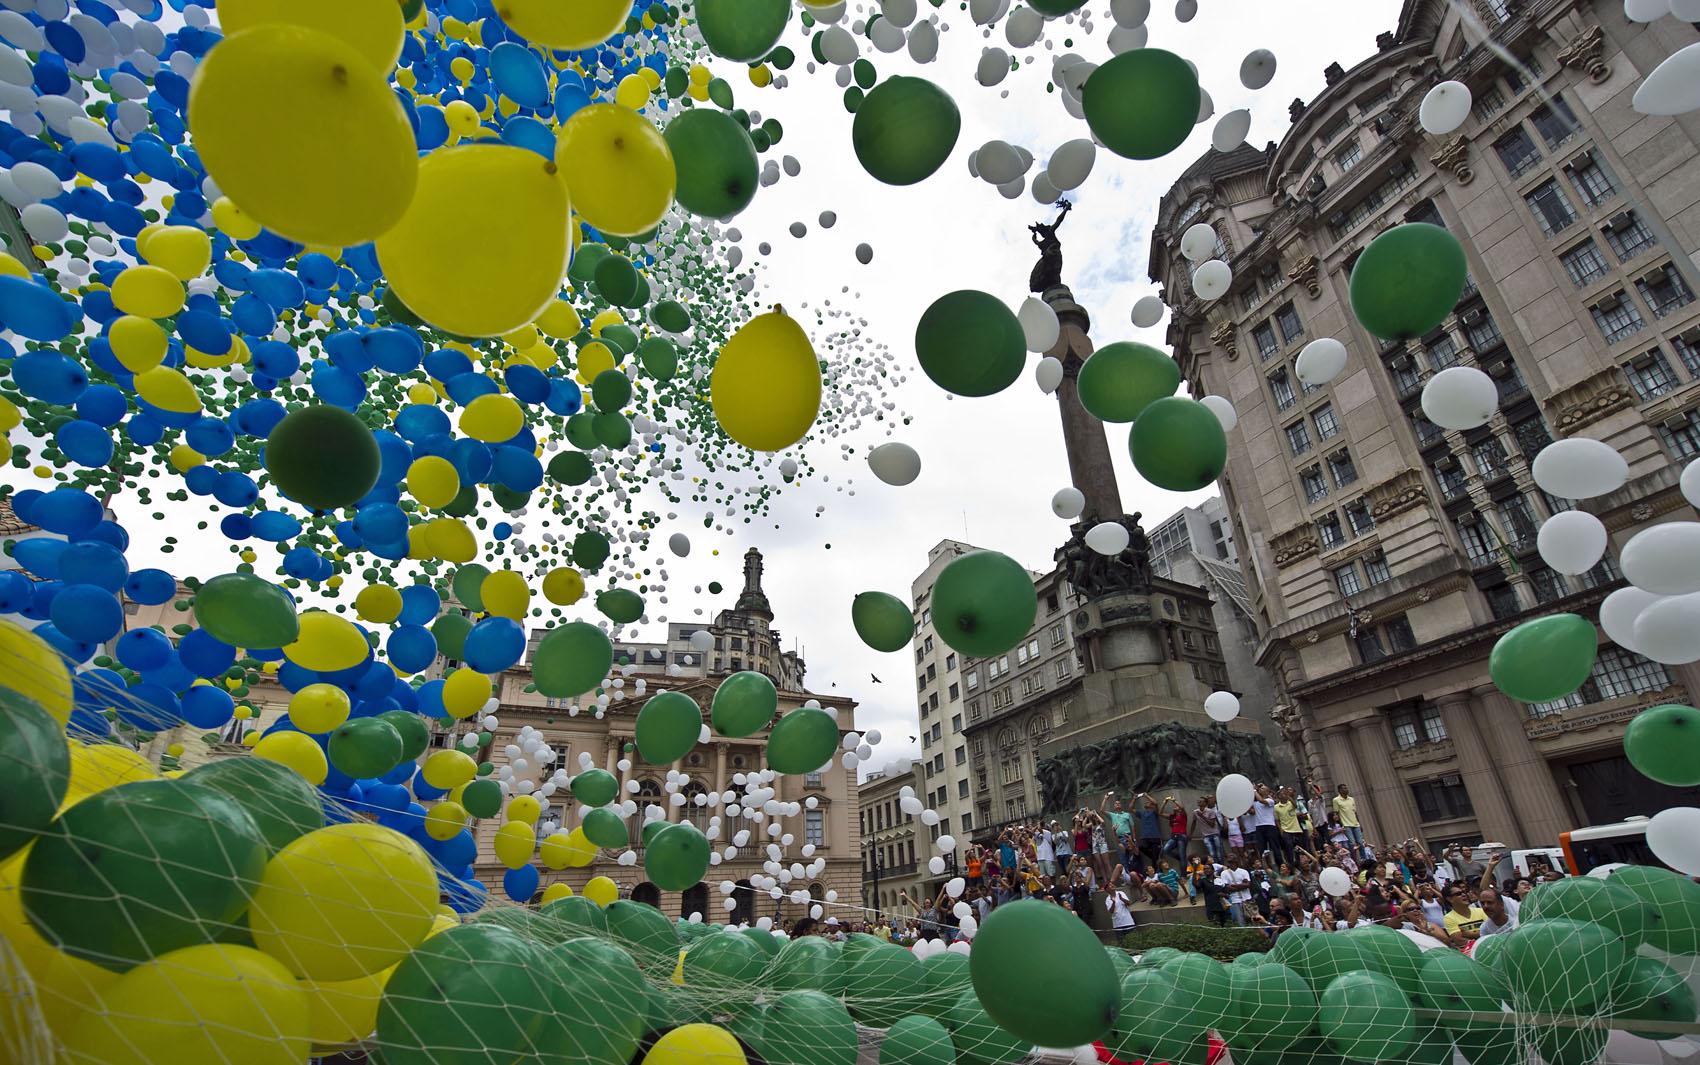 50 mil balões biodegradáveis foram soltos no centro de São Paulo, pela Associação Comercial de São Paulo para comemorar o réveillon 2014.